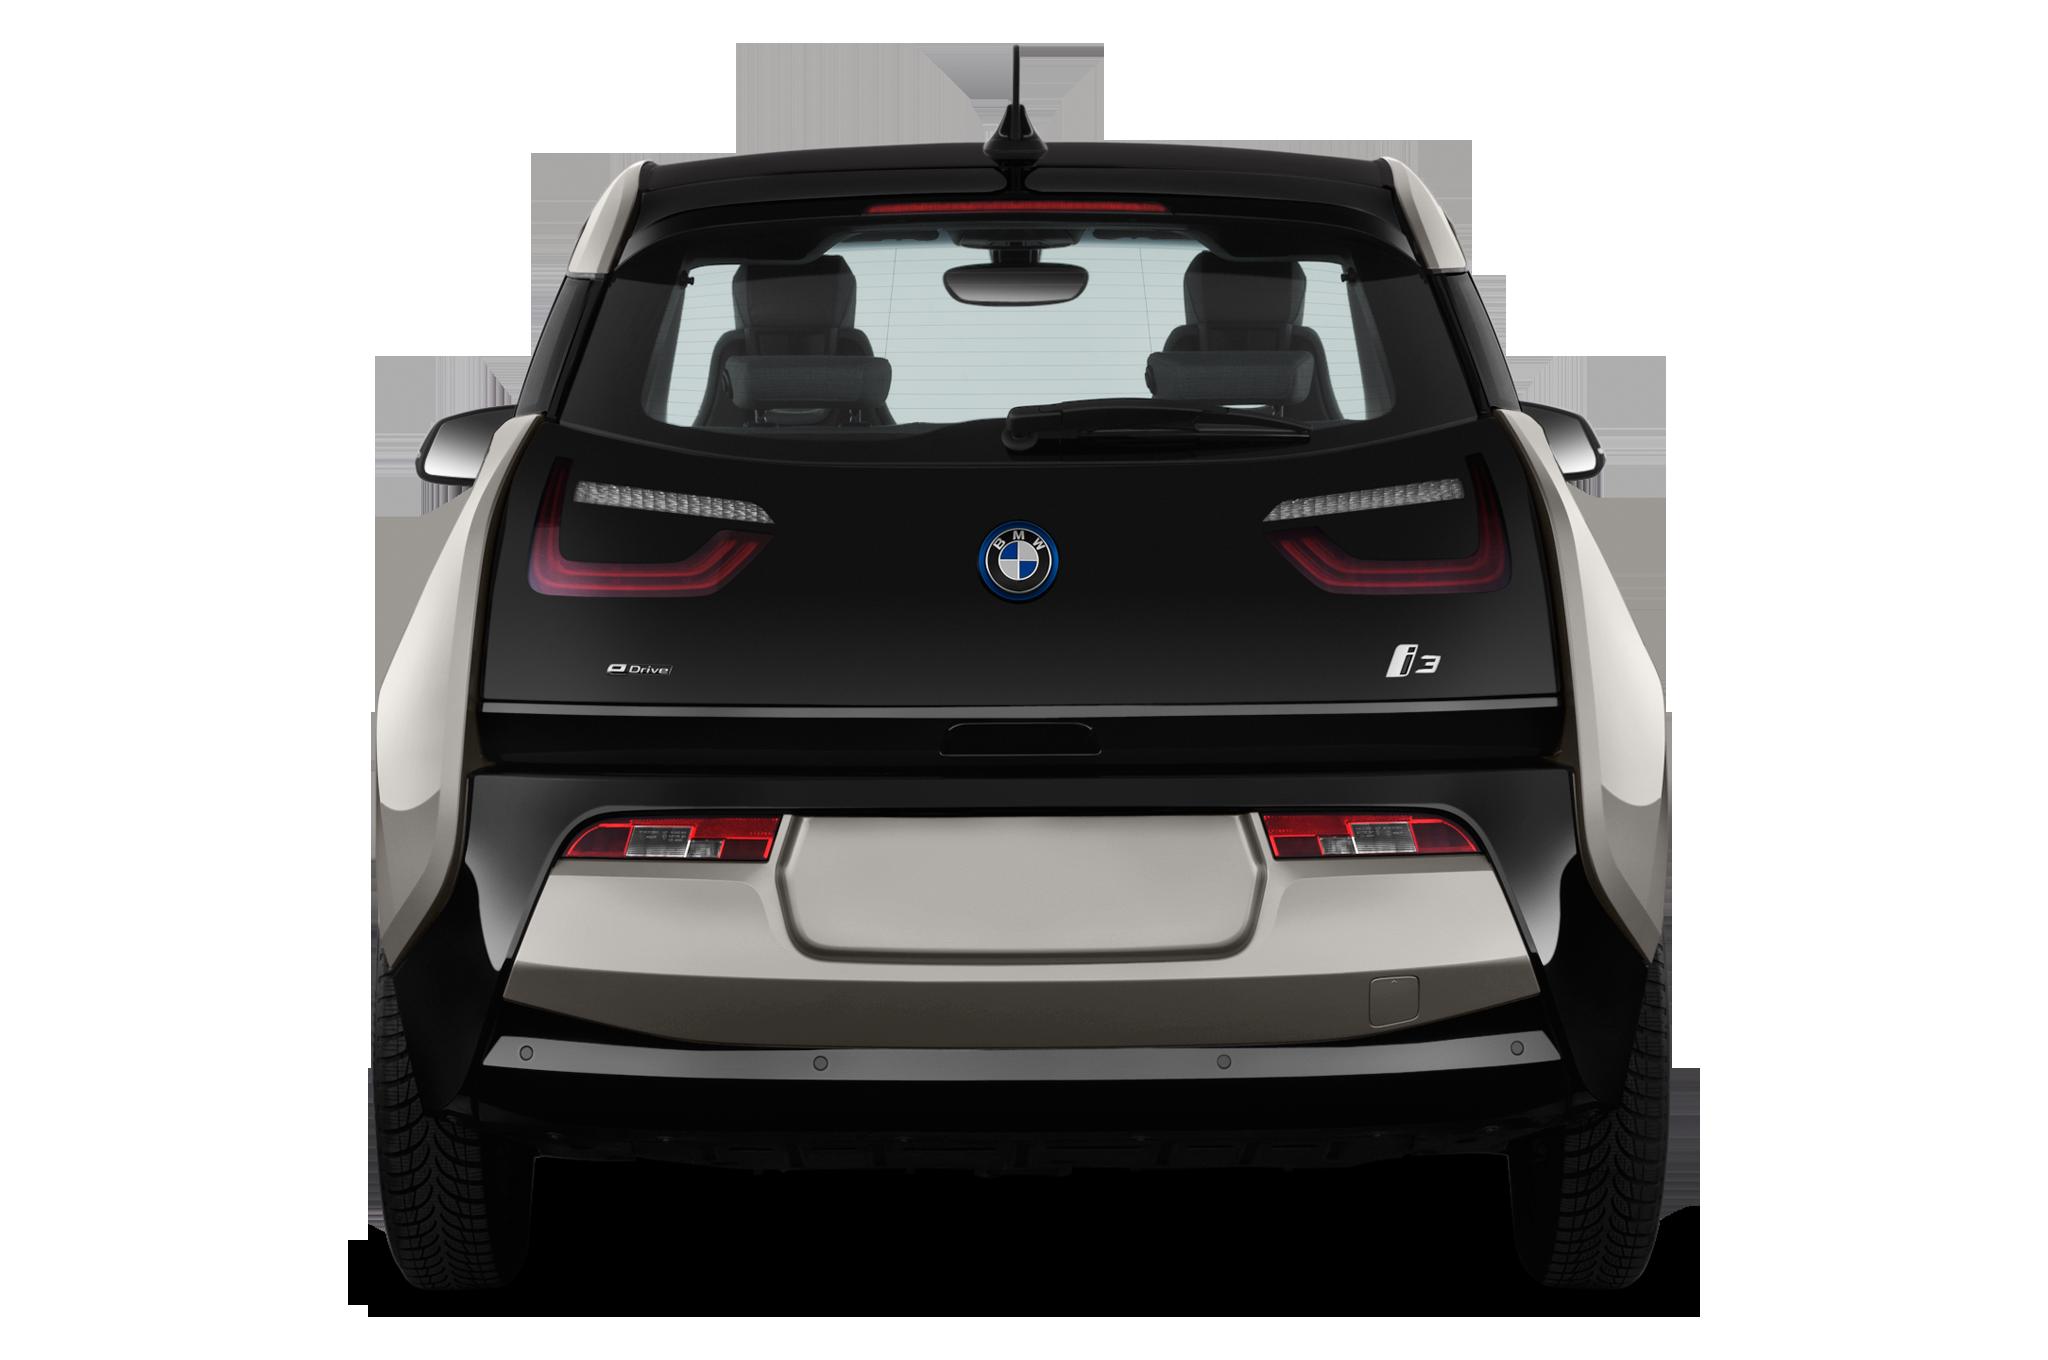 2016 Bmw I3 Mega Hatchback Rear View Png 2048 1360 Bmw I3 Hatchback Bmw